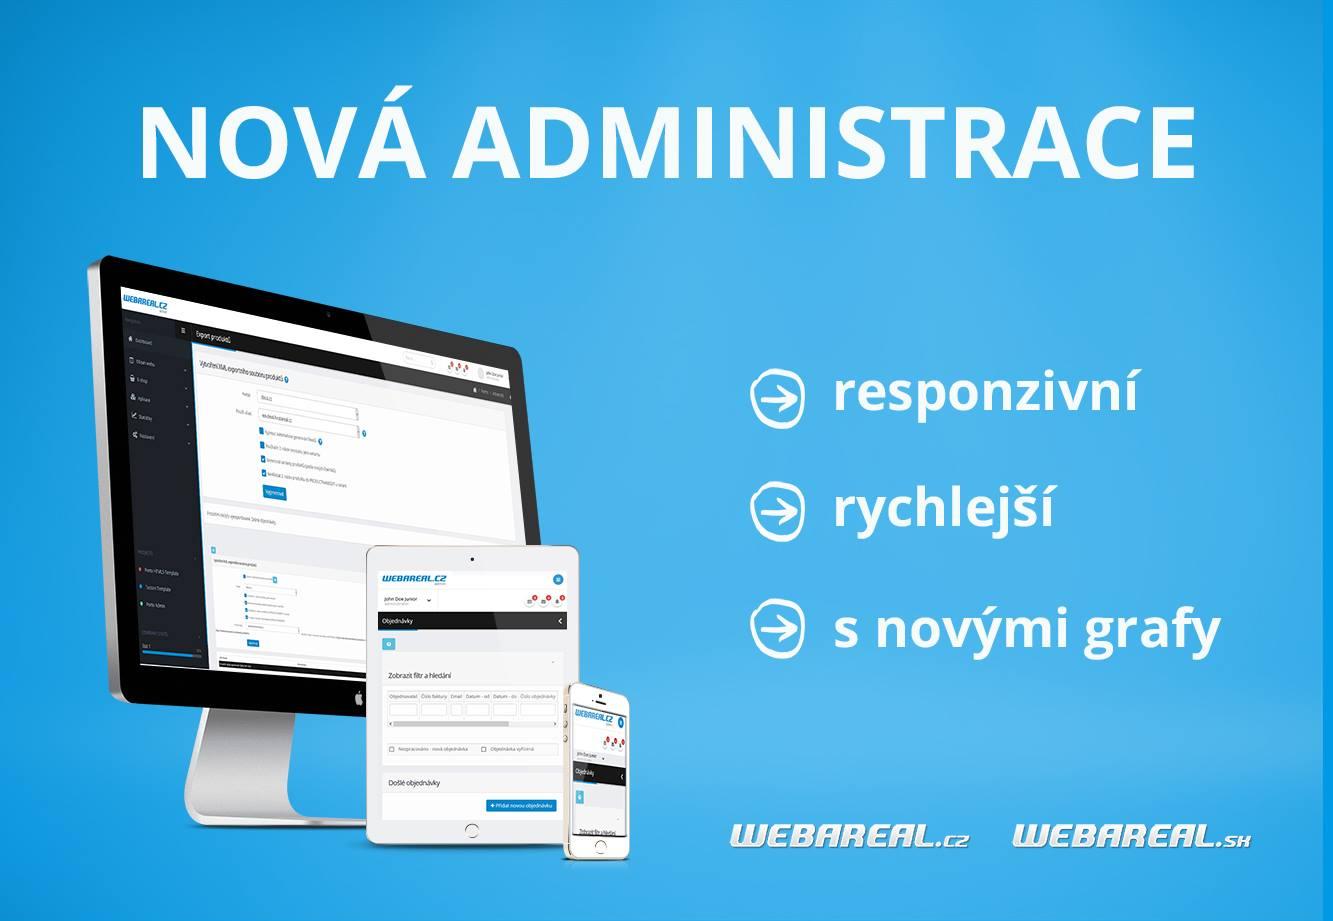 nova_administrace_webareal